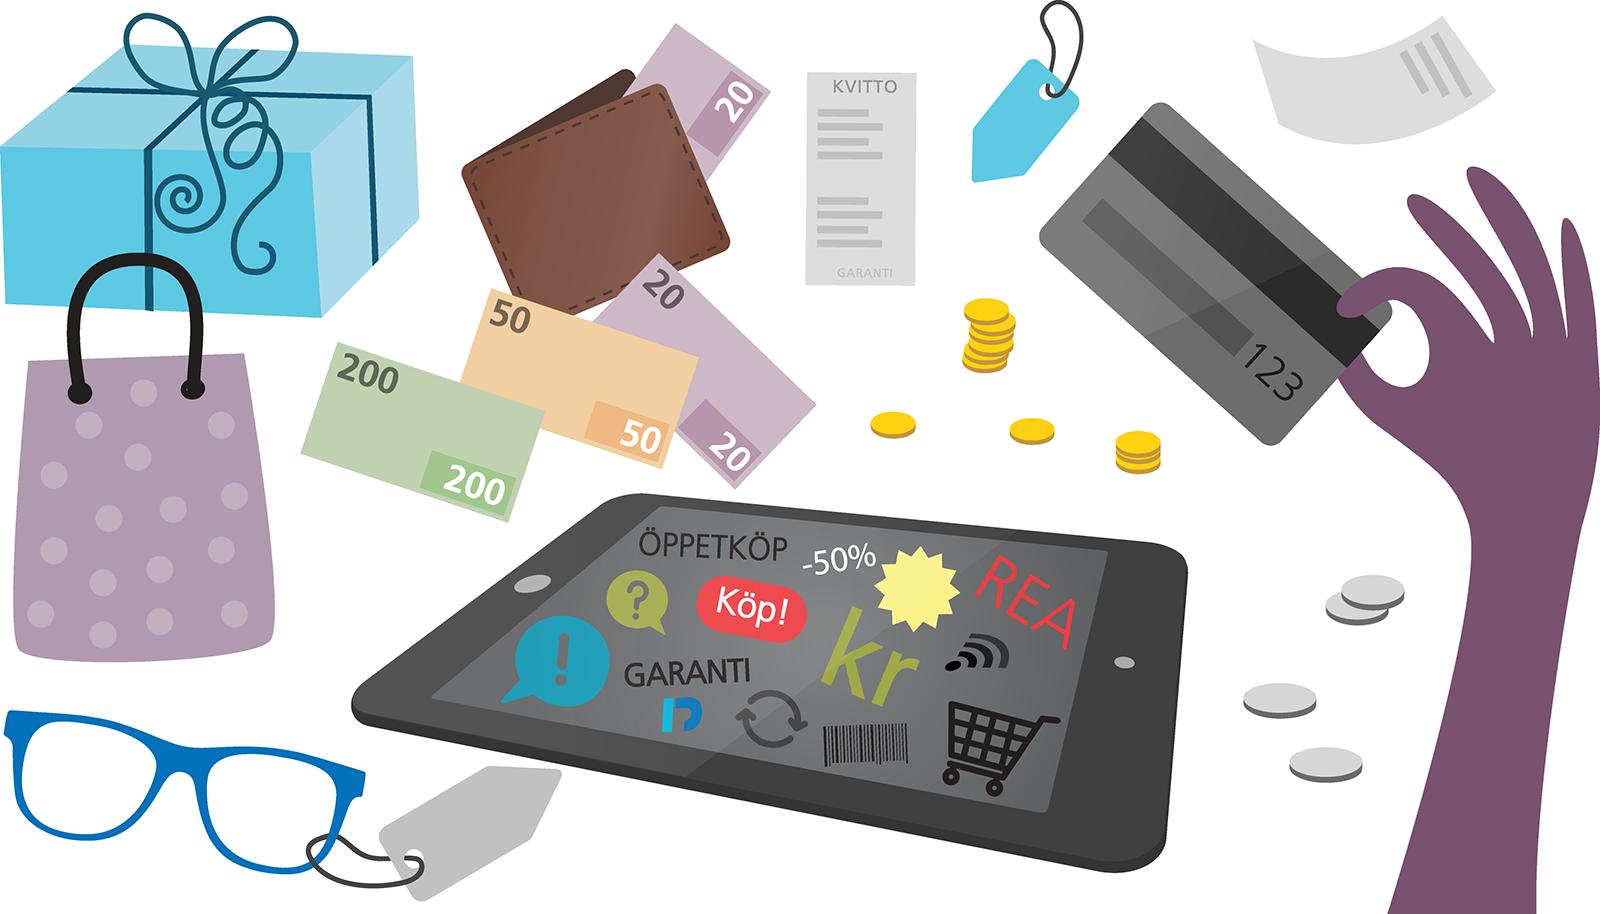 Konsumentvägledning, illustration: Alva Esping